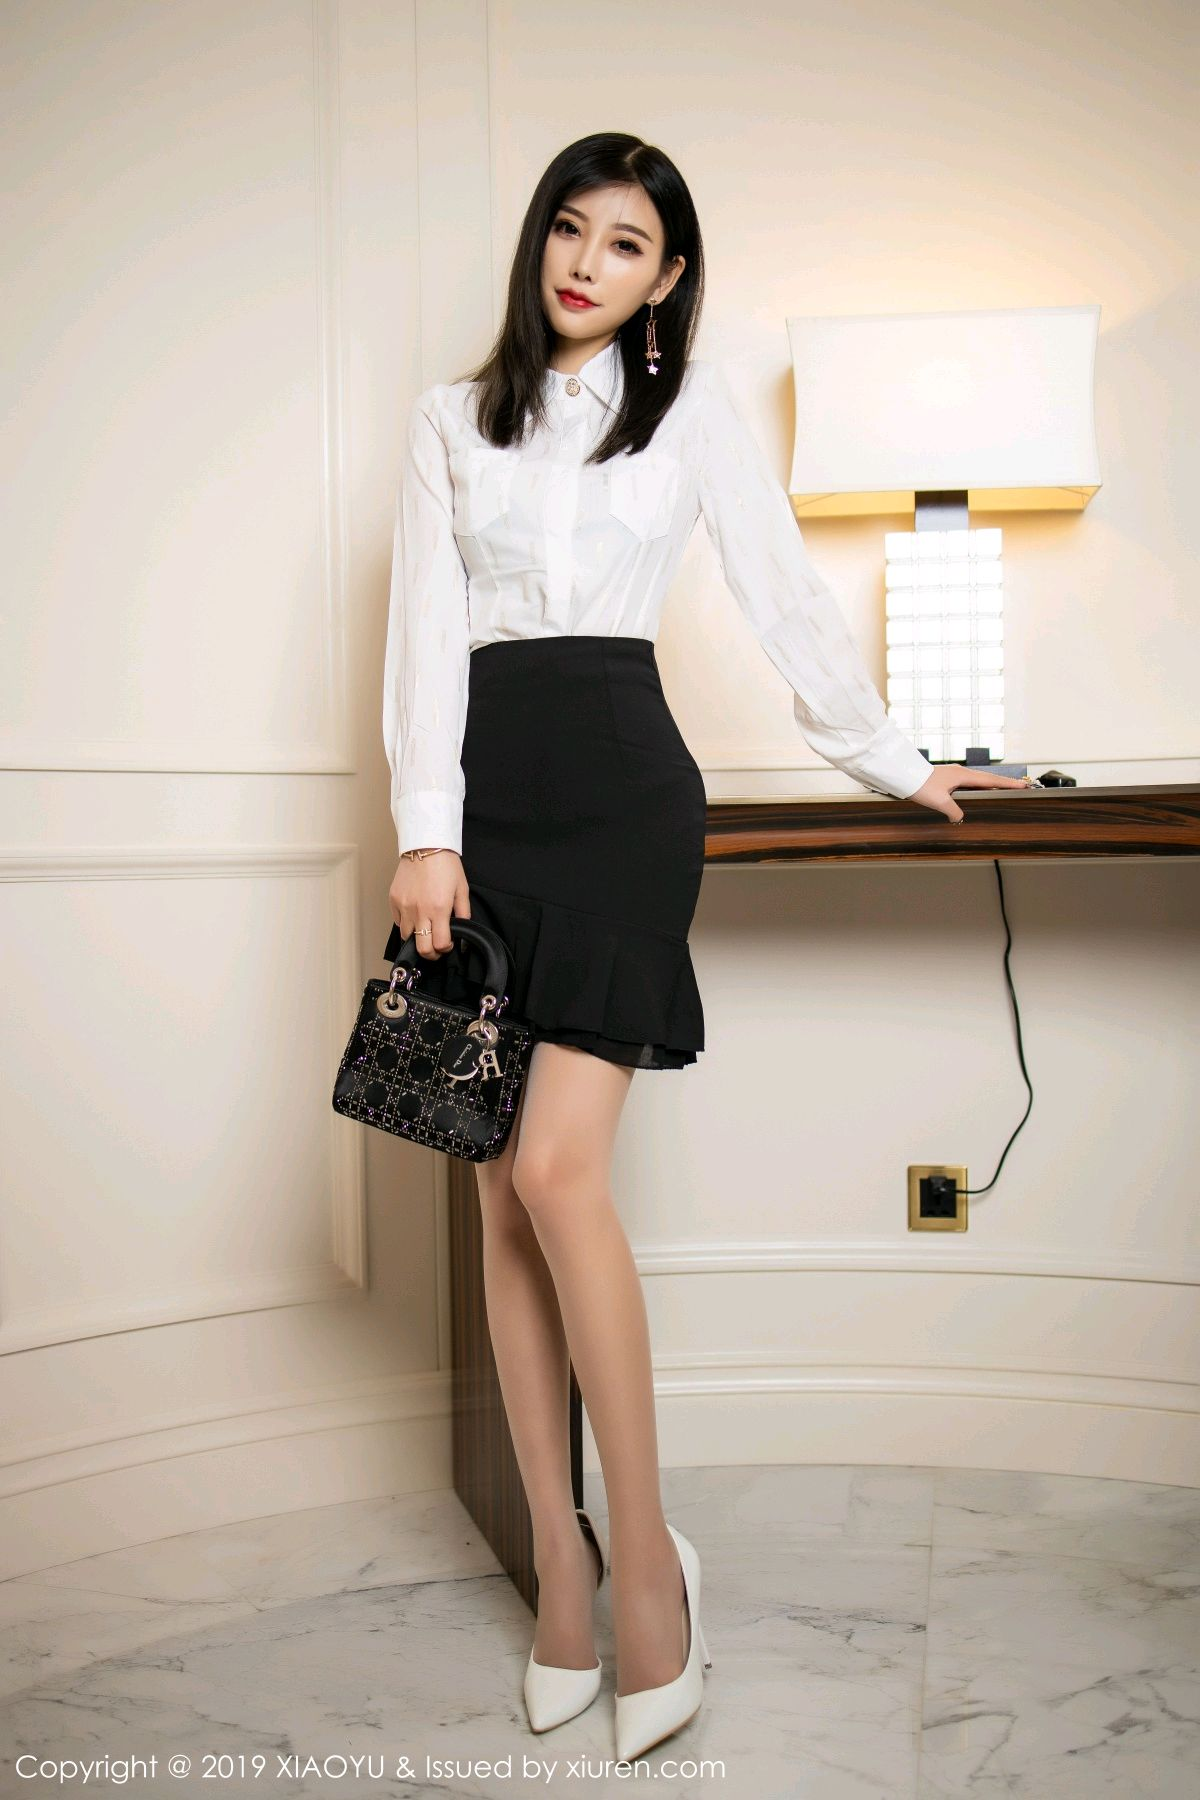 [XiaoYu] Vol.224 Yang Chen Chen 2P, Tall, Underwear, XiaoYu, Yang Chen Chen